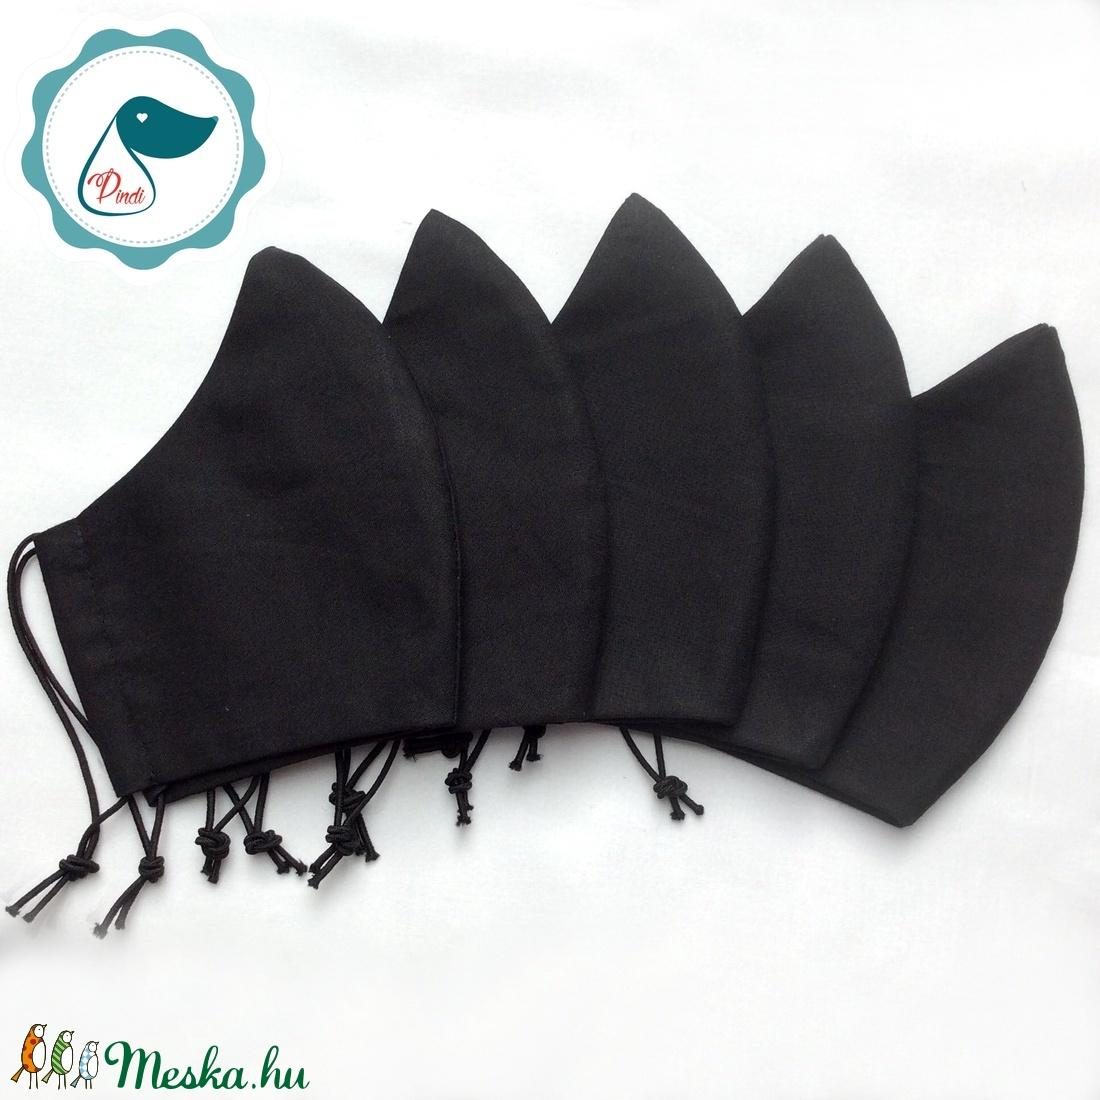 5 db fekete maszk - felnőtt női és teenager szájmaszk - textil szájmaszk - egészségügyi szájmaszk - maszk, arcmaszk - női - Meska.hu